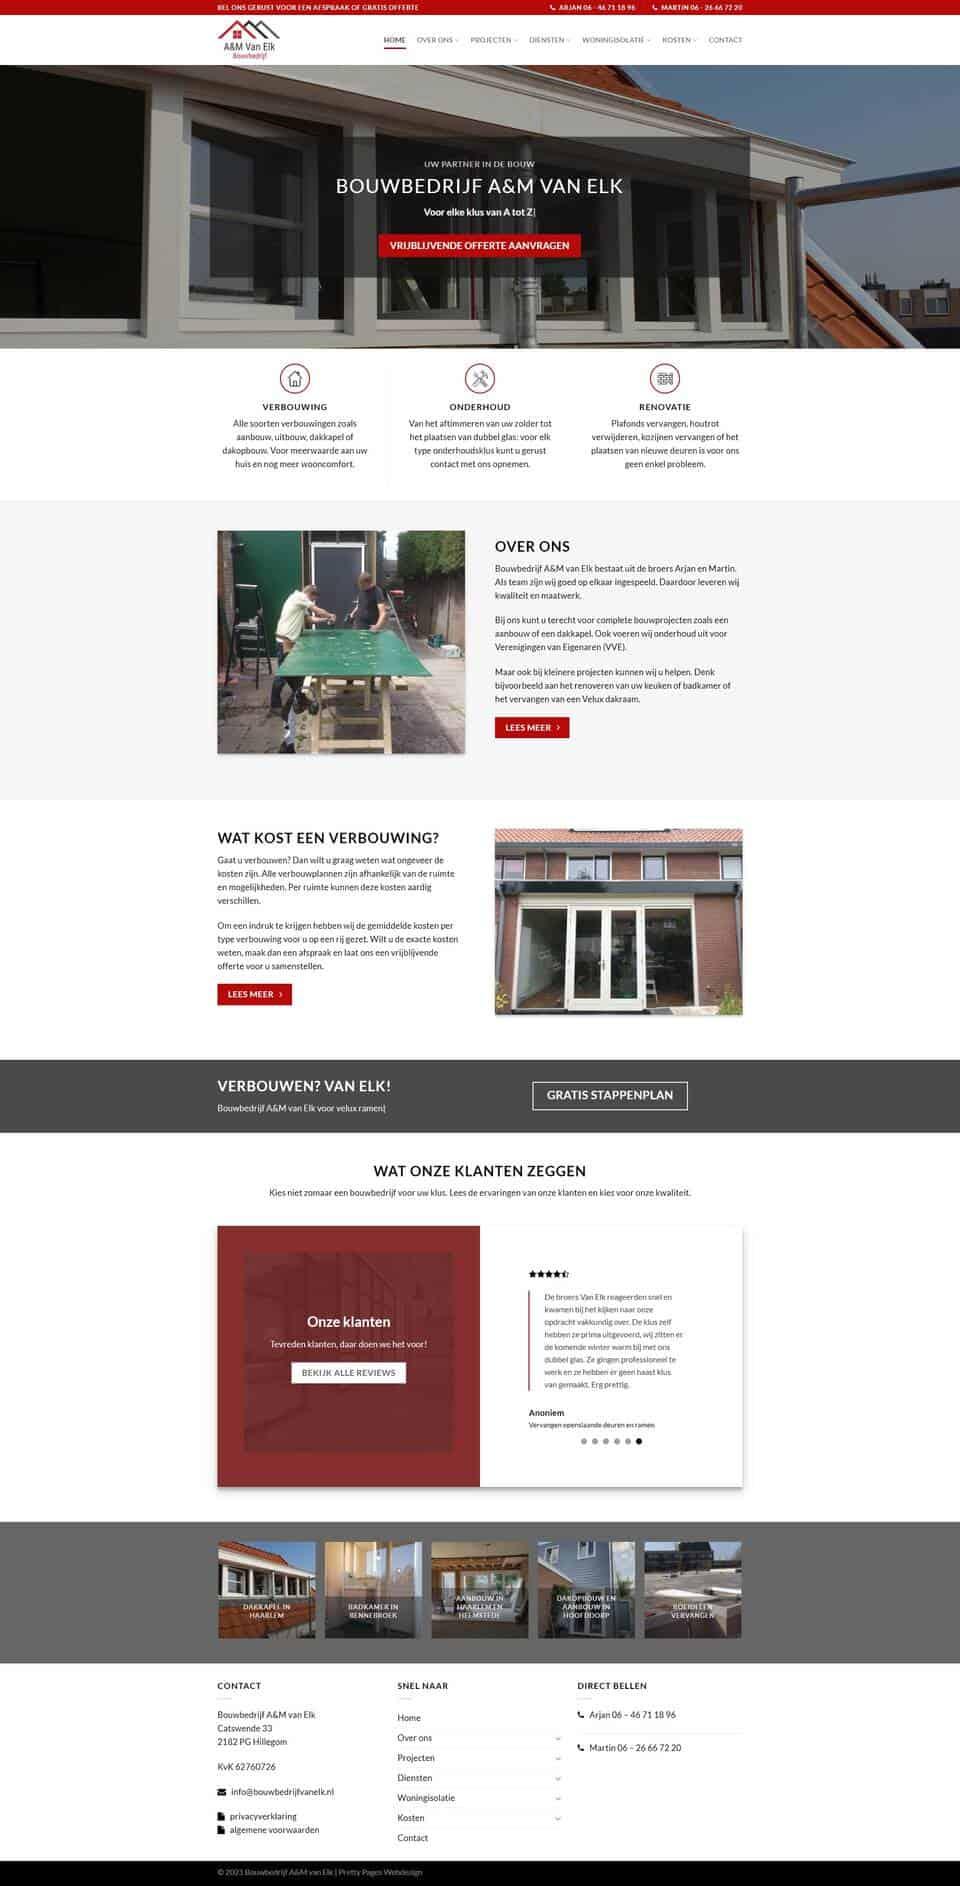 Portfolio | WordPress website Bouwbedrijf A&M van Elk gemaakt door Pretty Pages Webdesign Hillegom